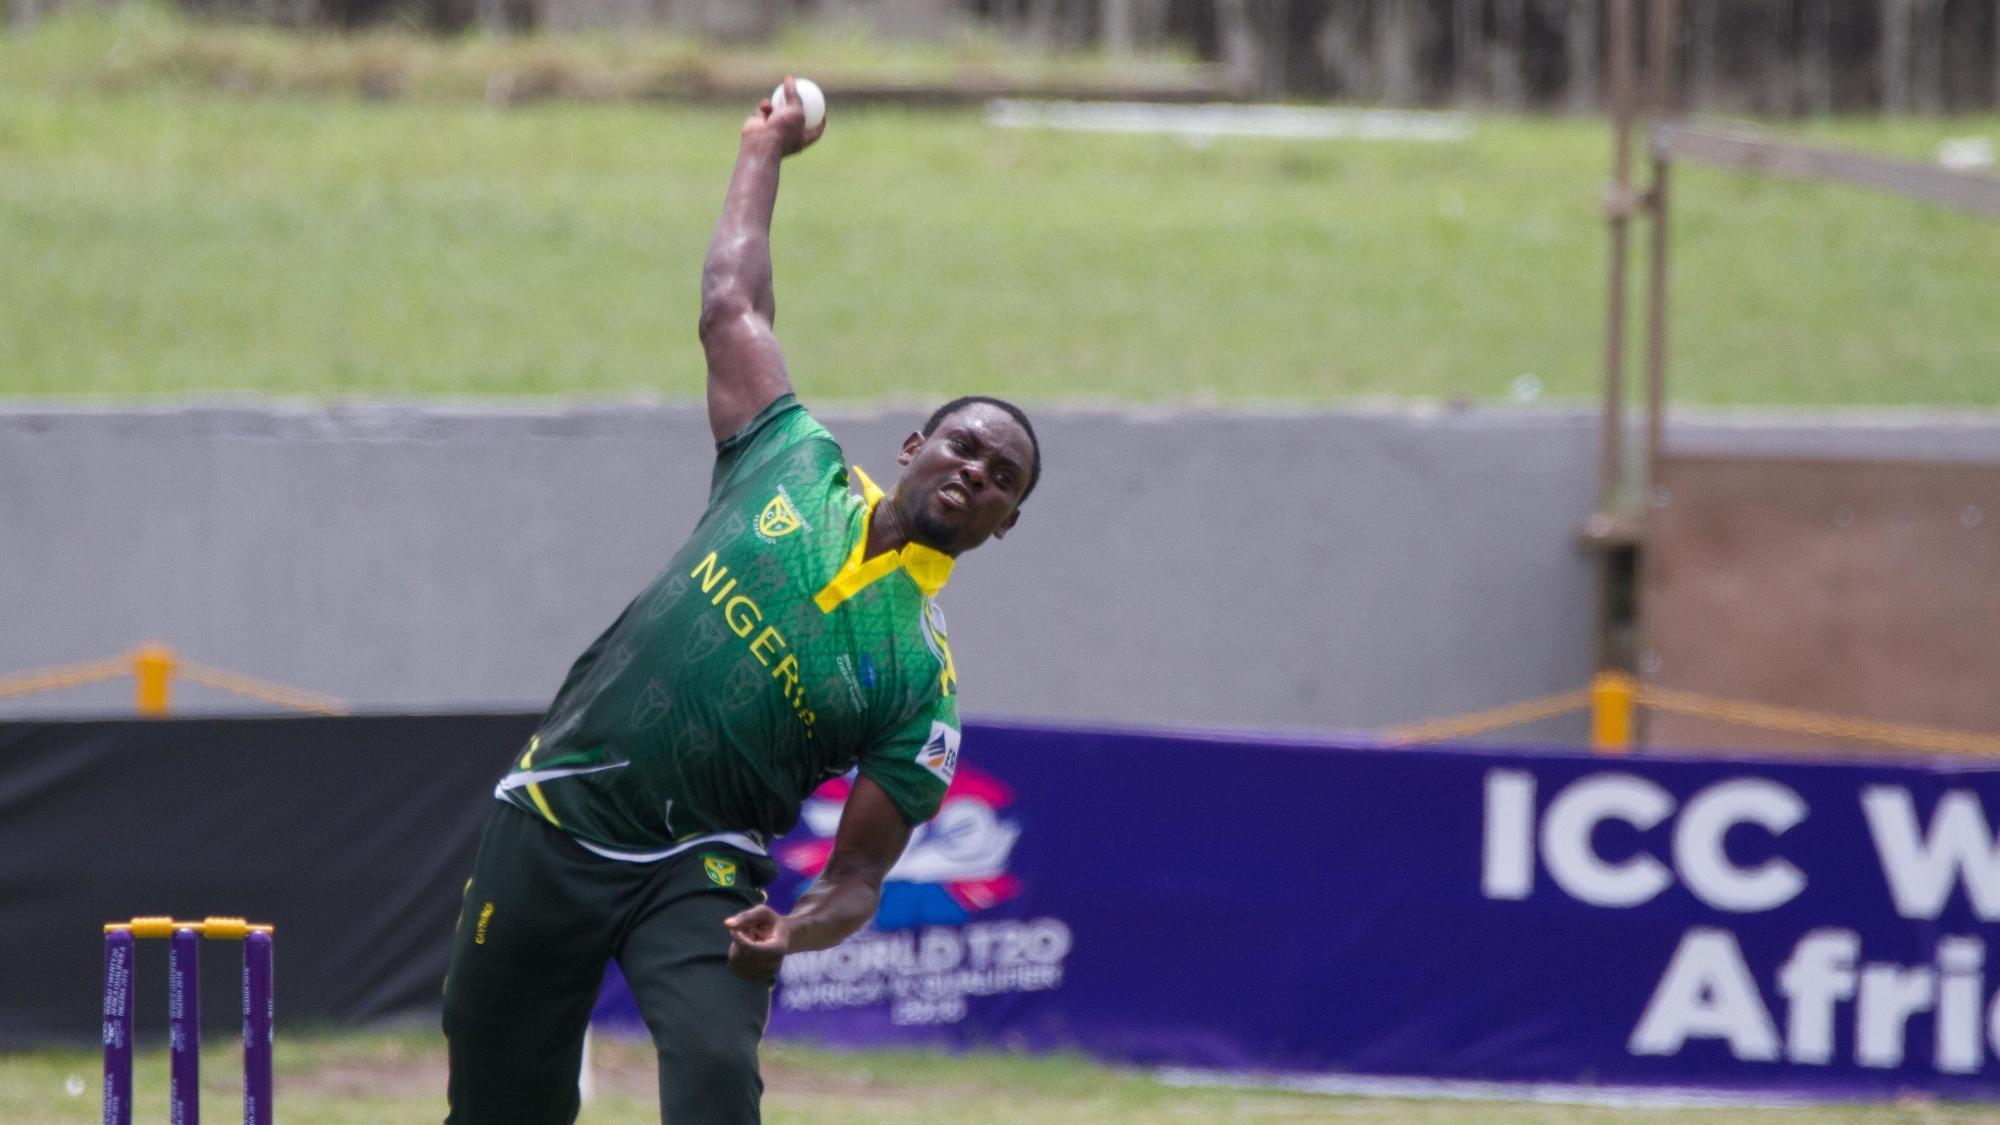 Seye Olympio bowling for Nigeria